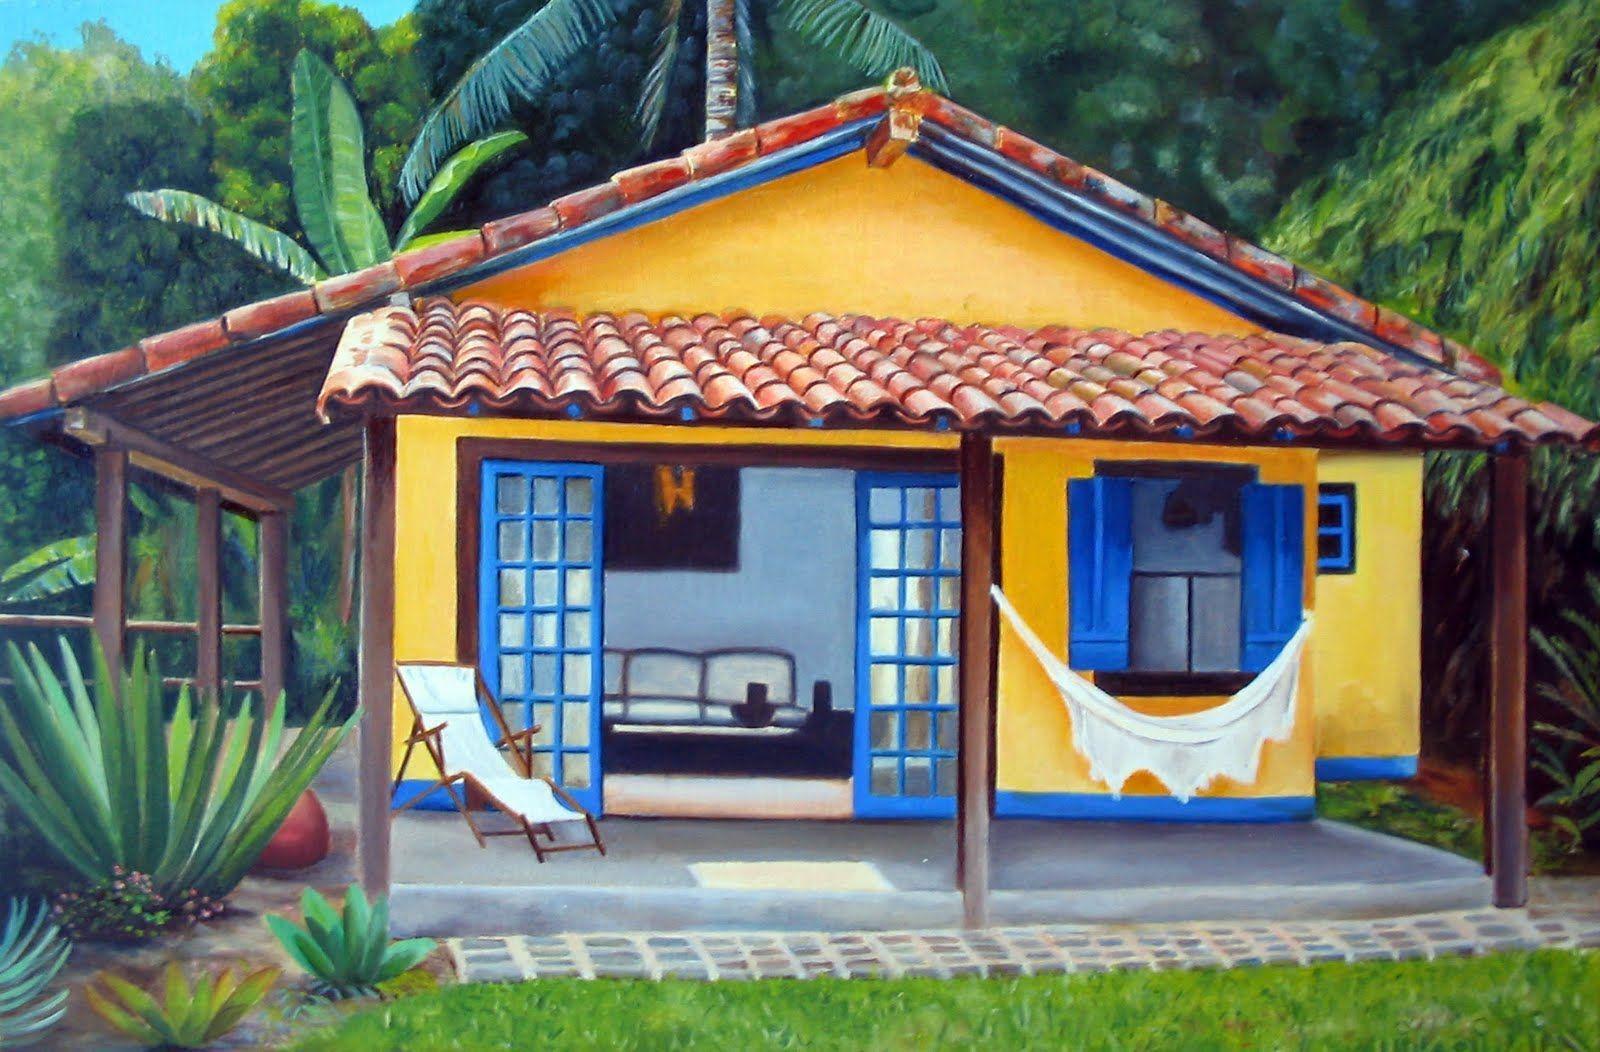 Casa De Campo Frente A La Mar Donde Los Personajes Pasan Sus Ultimos Anos De Vida Casa De Praia Simples Casas Simples E Bonitas Casas De Campo Simples